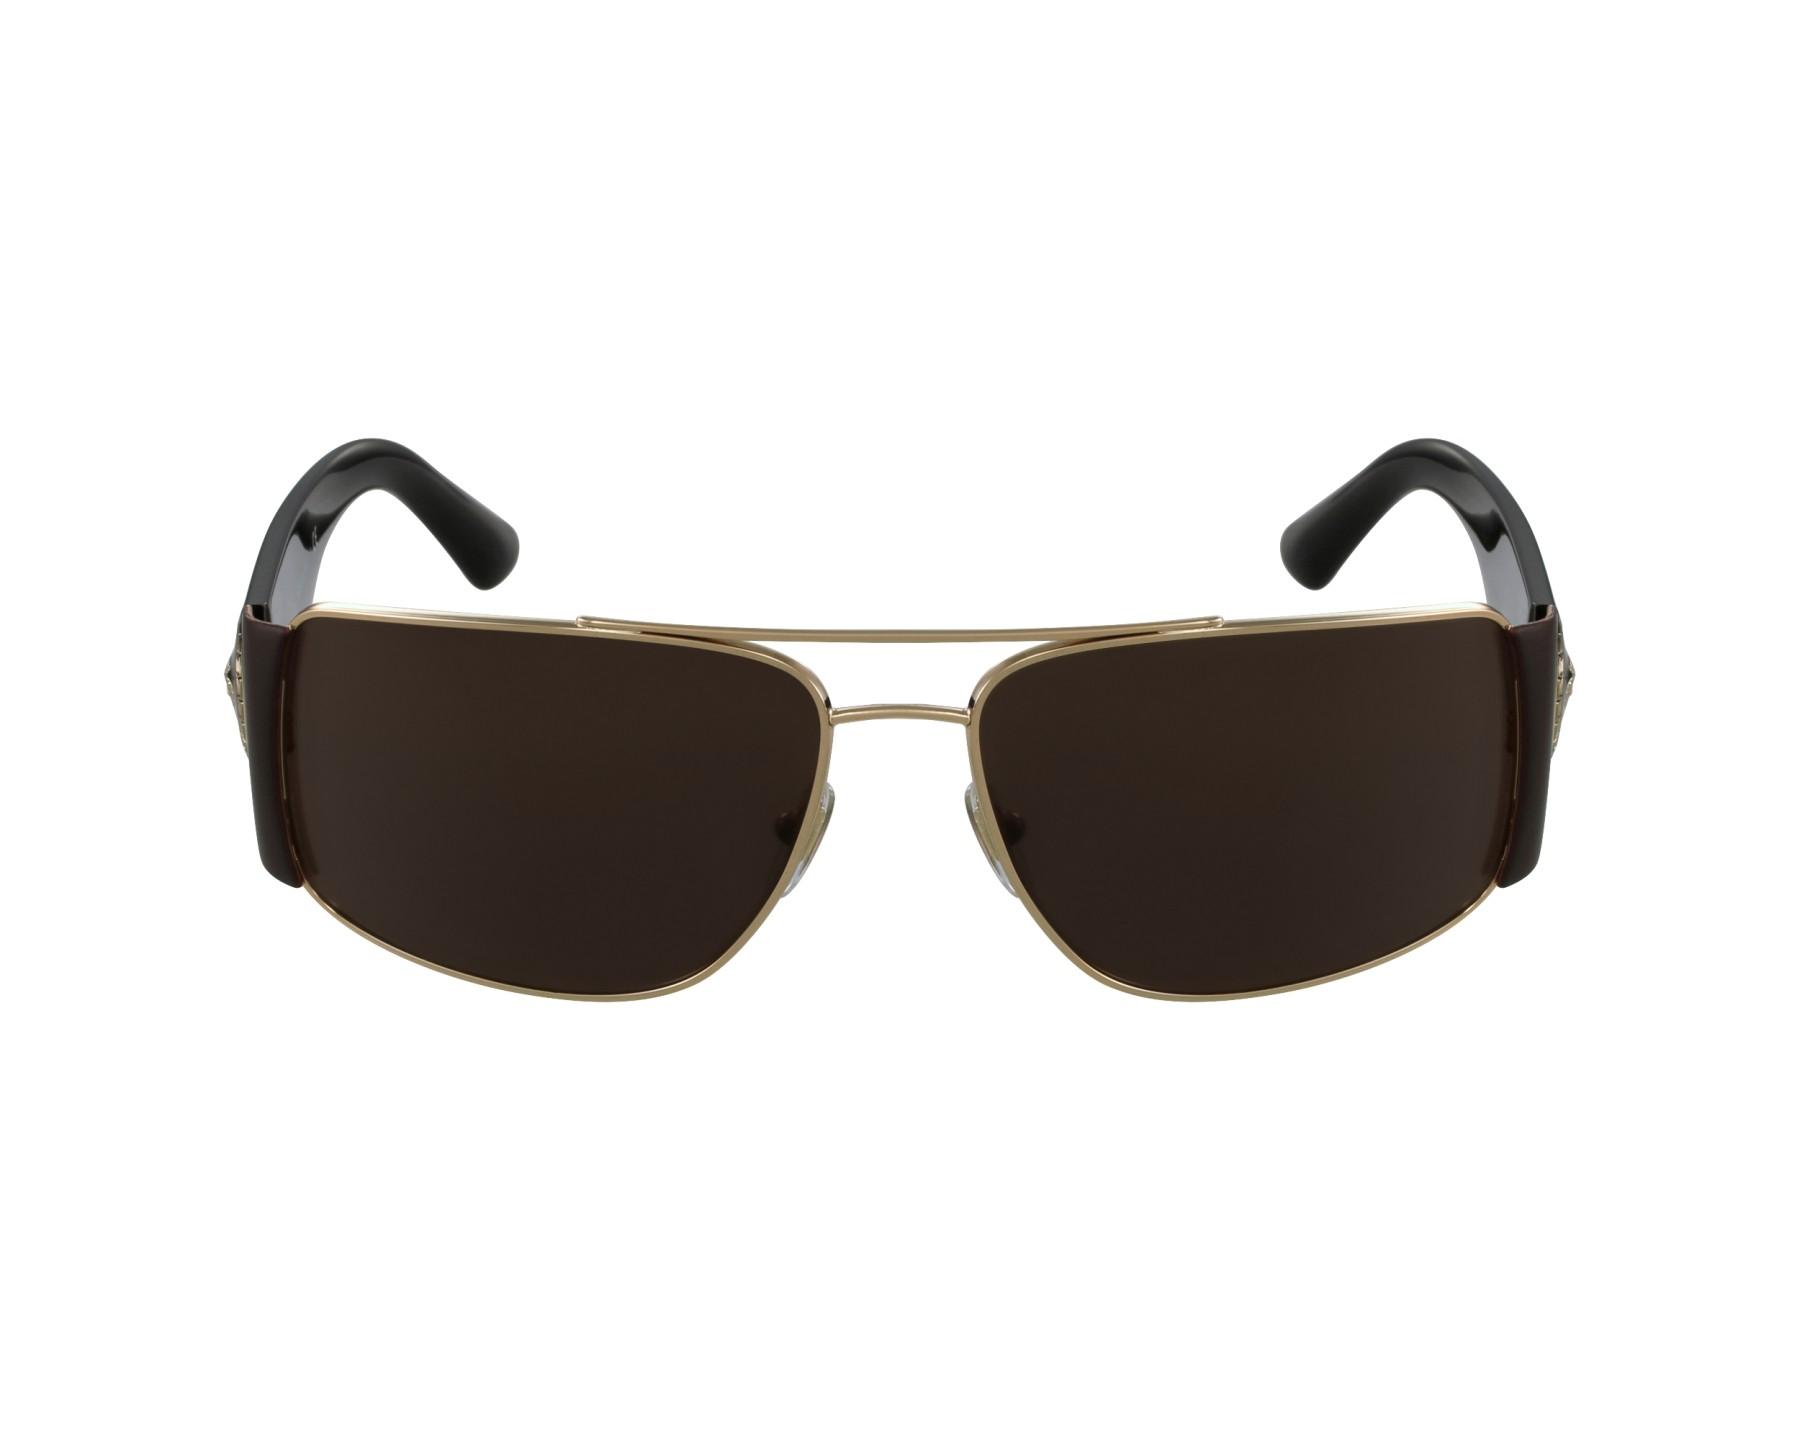 lunettes de soleil versace ve 2163 1002 73 or avec des verres marron pour hommes. Black Bedroom Furniture Sets. Home Design Ideas